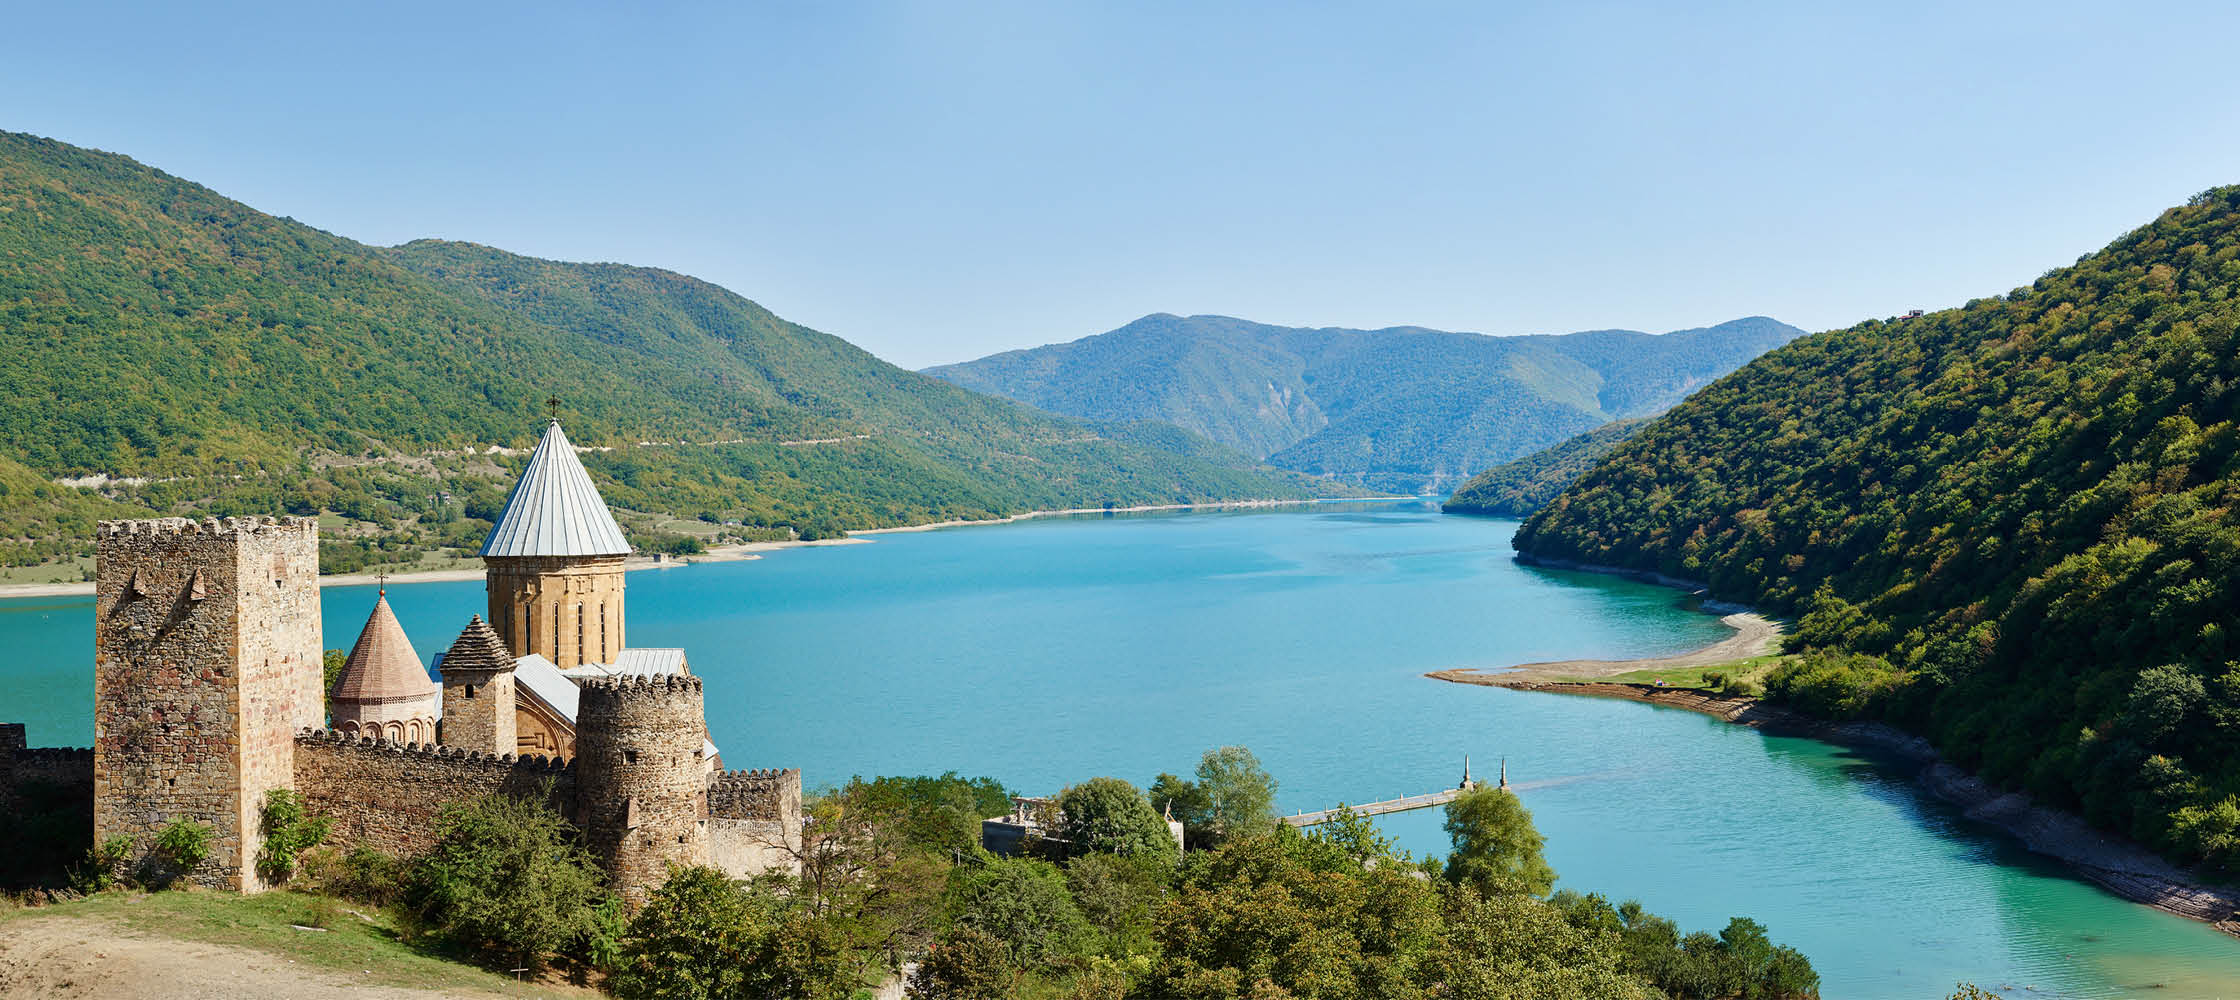 armenien och georgien bjuder på slott, stor natur och kultur. rundresa till armenien och georgien